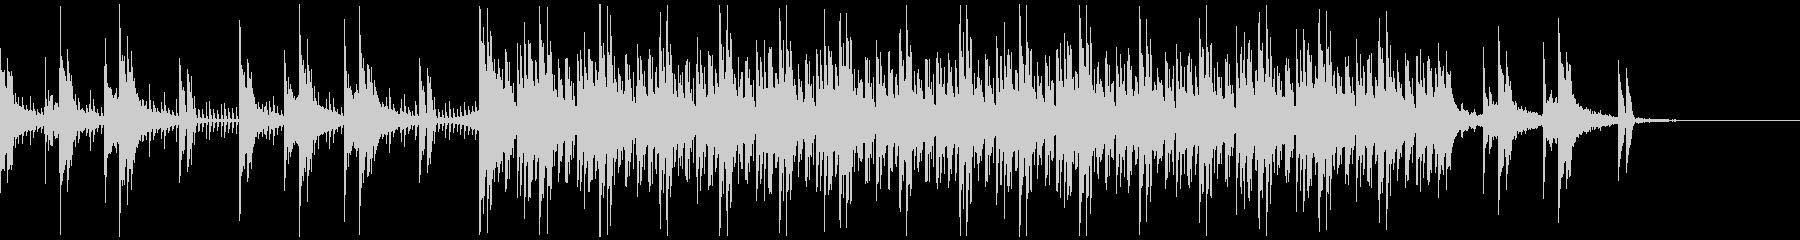 コーポレートテクスチャ―14の未再生の波形